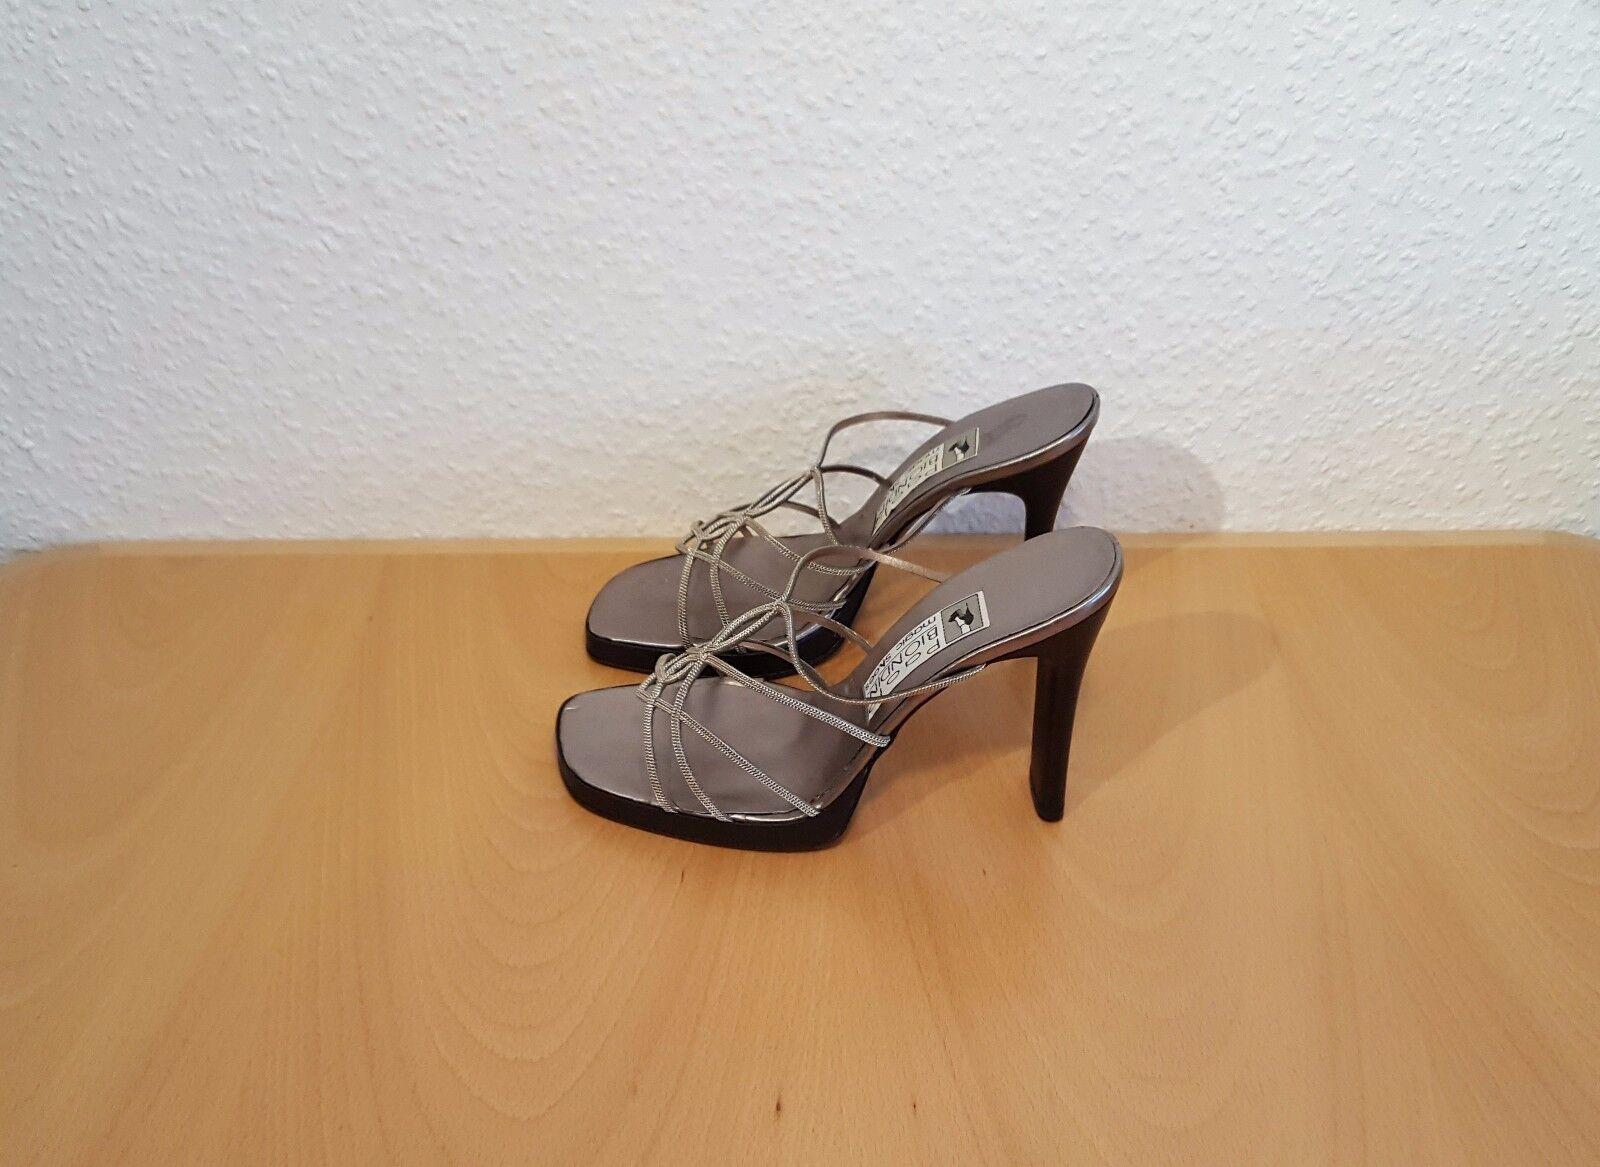 BIONDINI High Heels Sandaletten Damenschuhe Gr. 39 - 11,5cm Absätze bronze